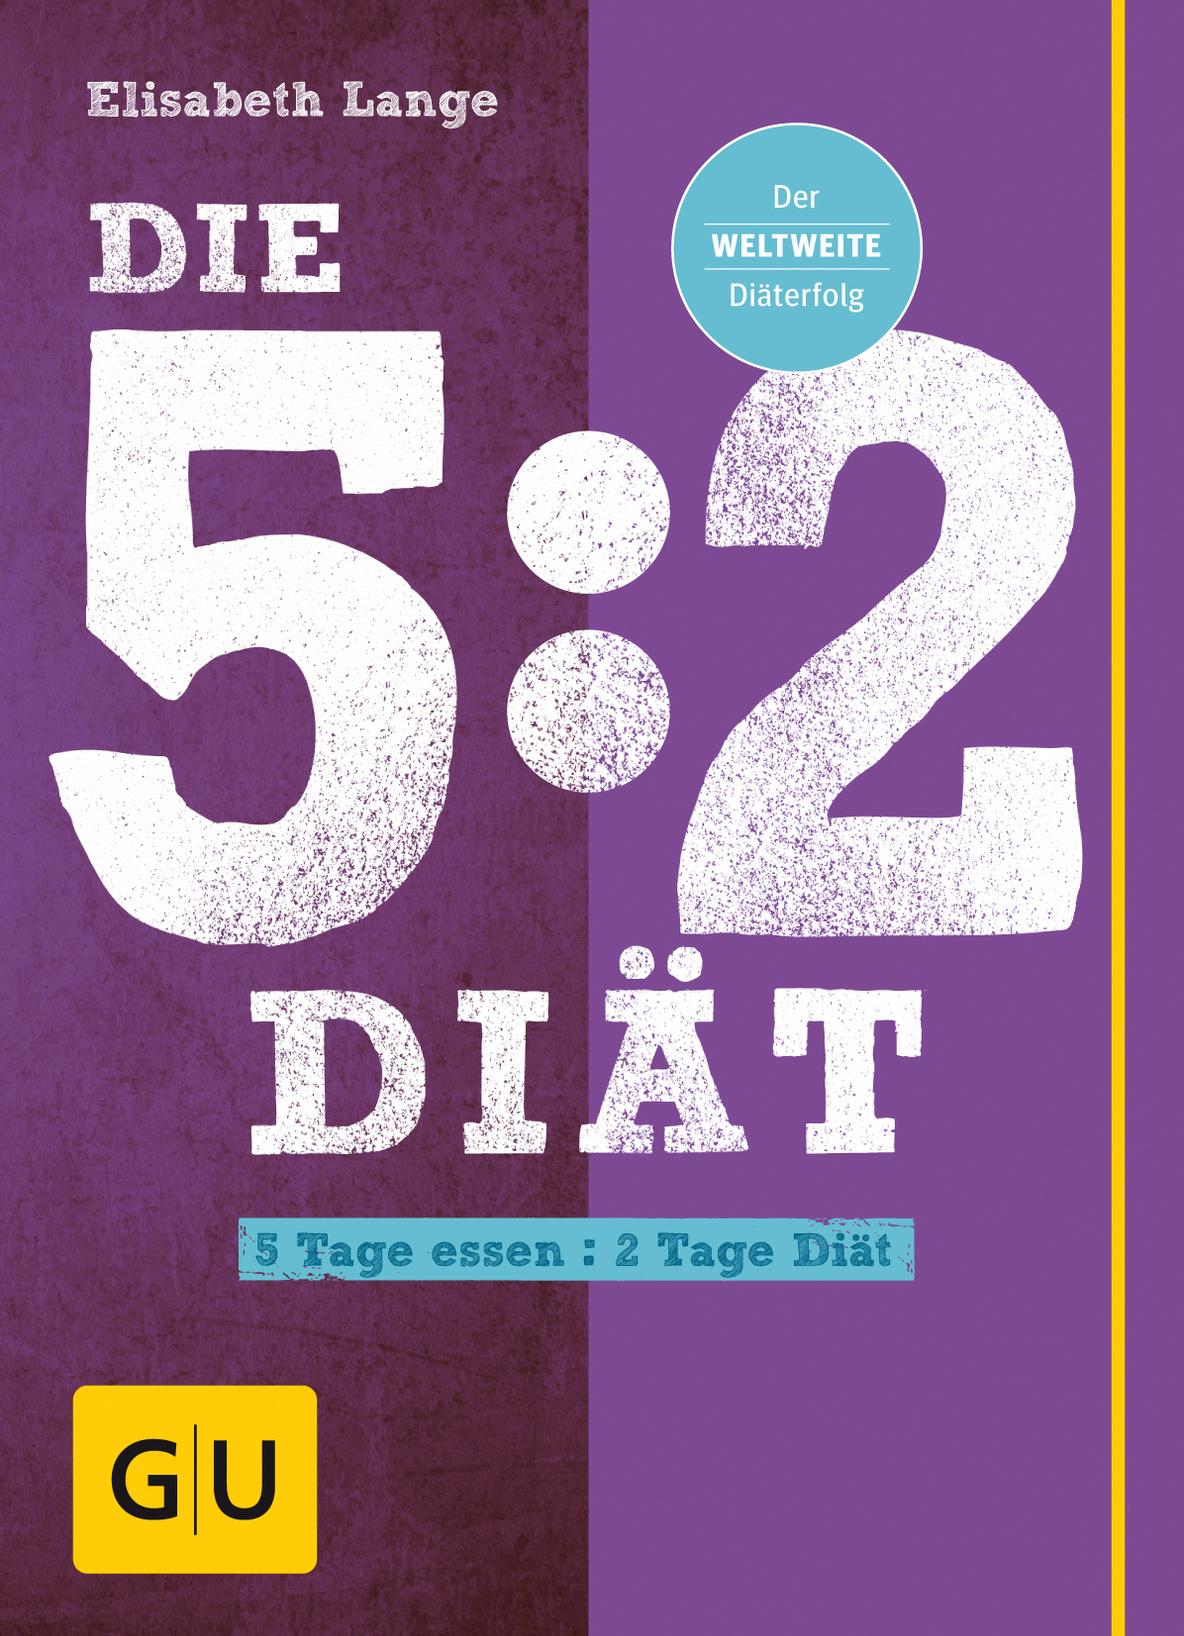 Thermomix Gewichtsverlust Diäten